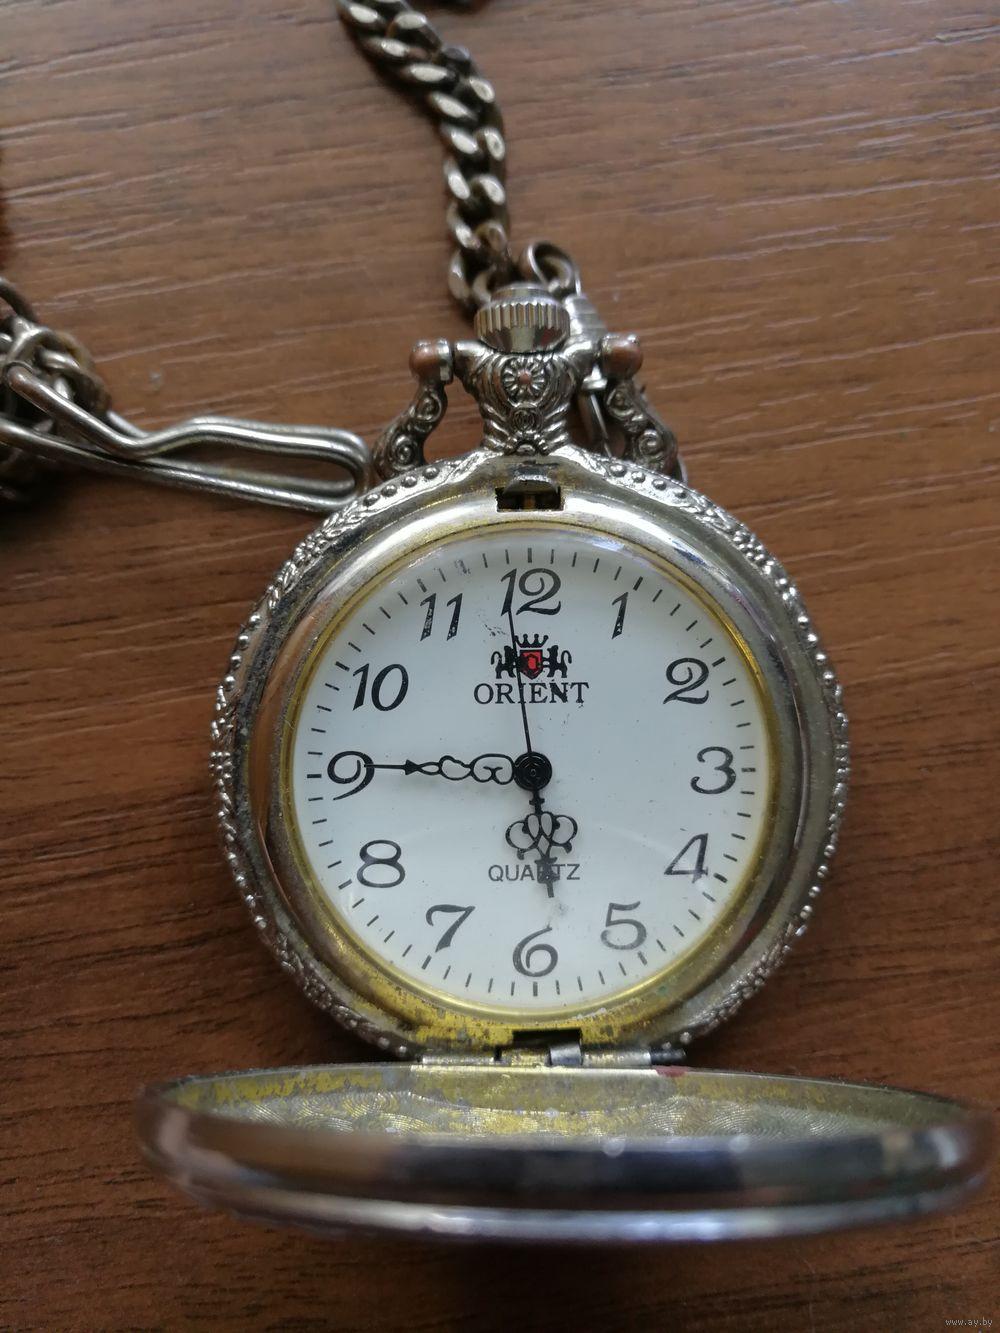 Купить карманные часы в смоленске наручные часы реплика китай